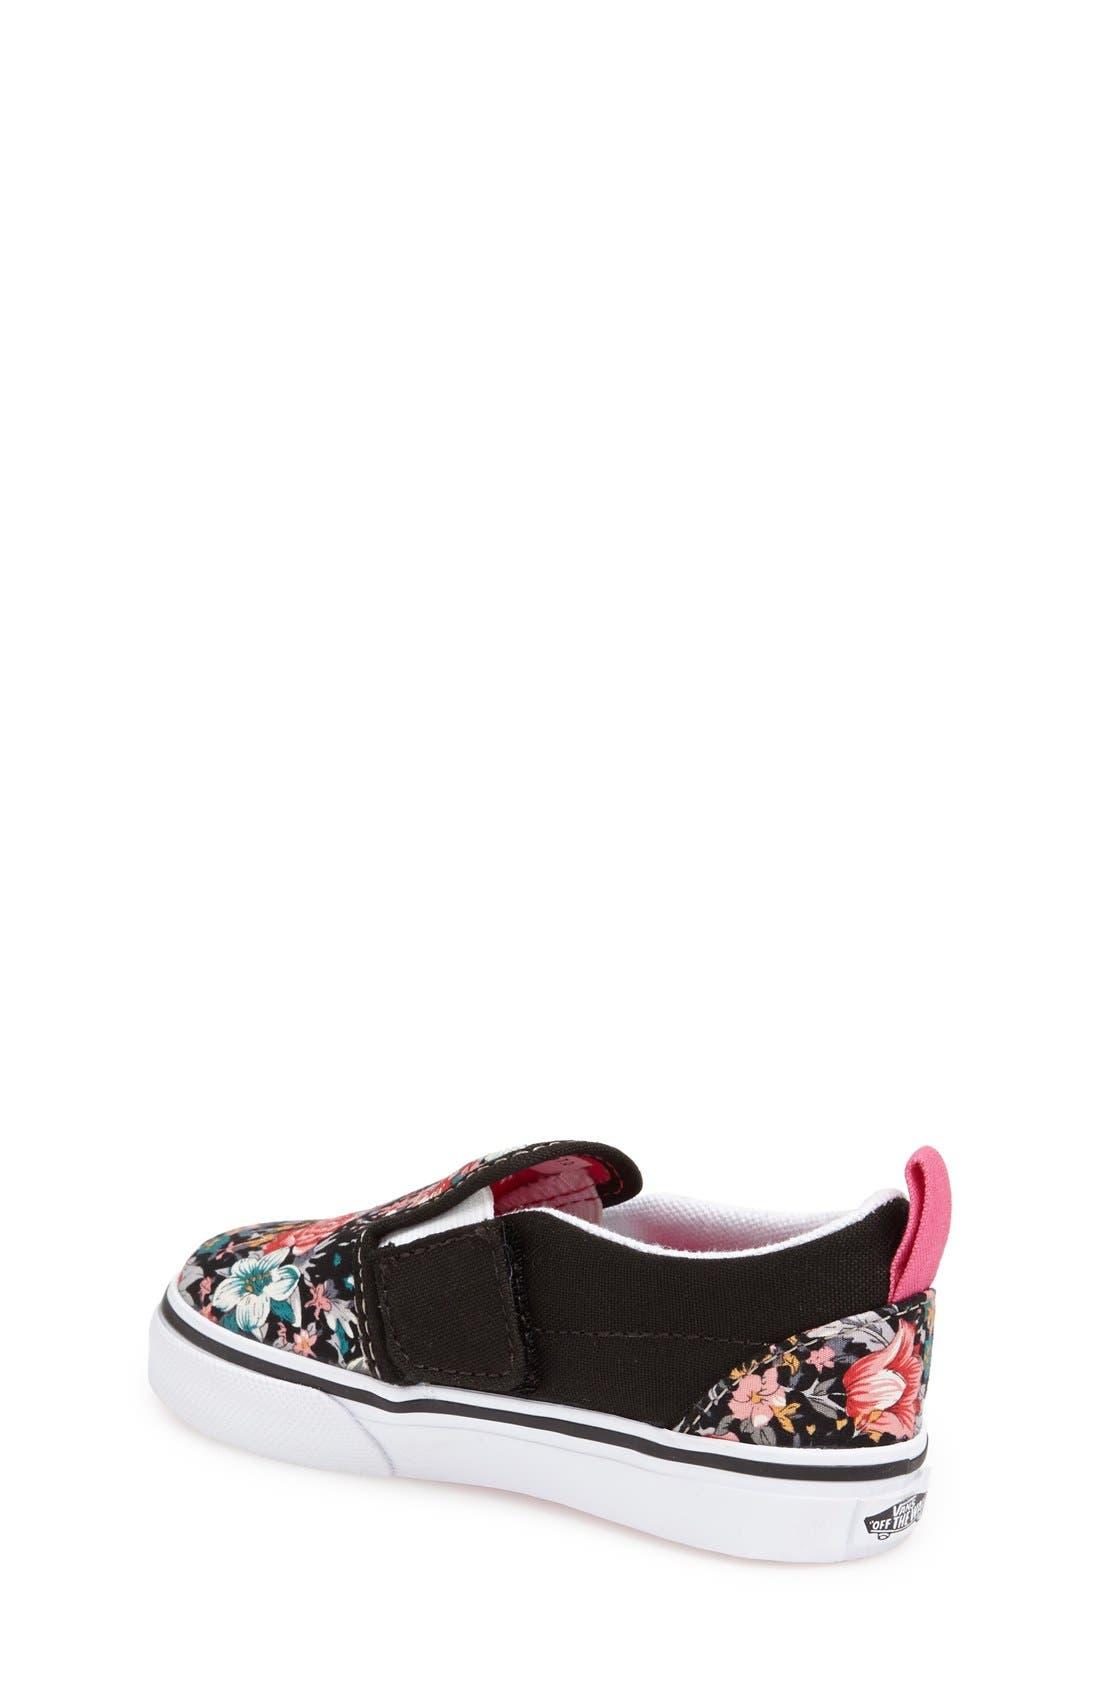 Alternate Image 2  - Vans 'Classic' Slip-On Sneaker (Baby, Walker & Toddler)